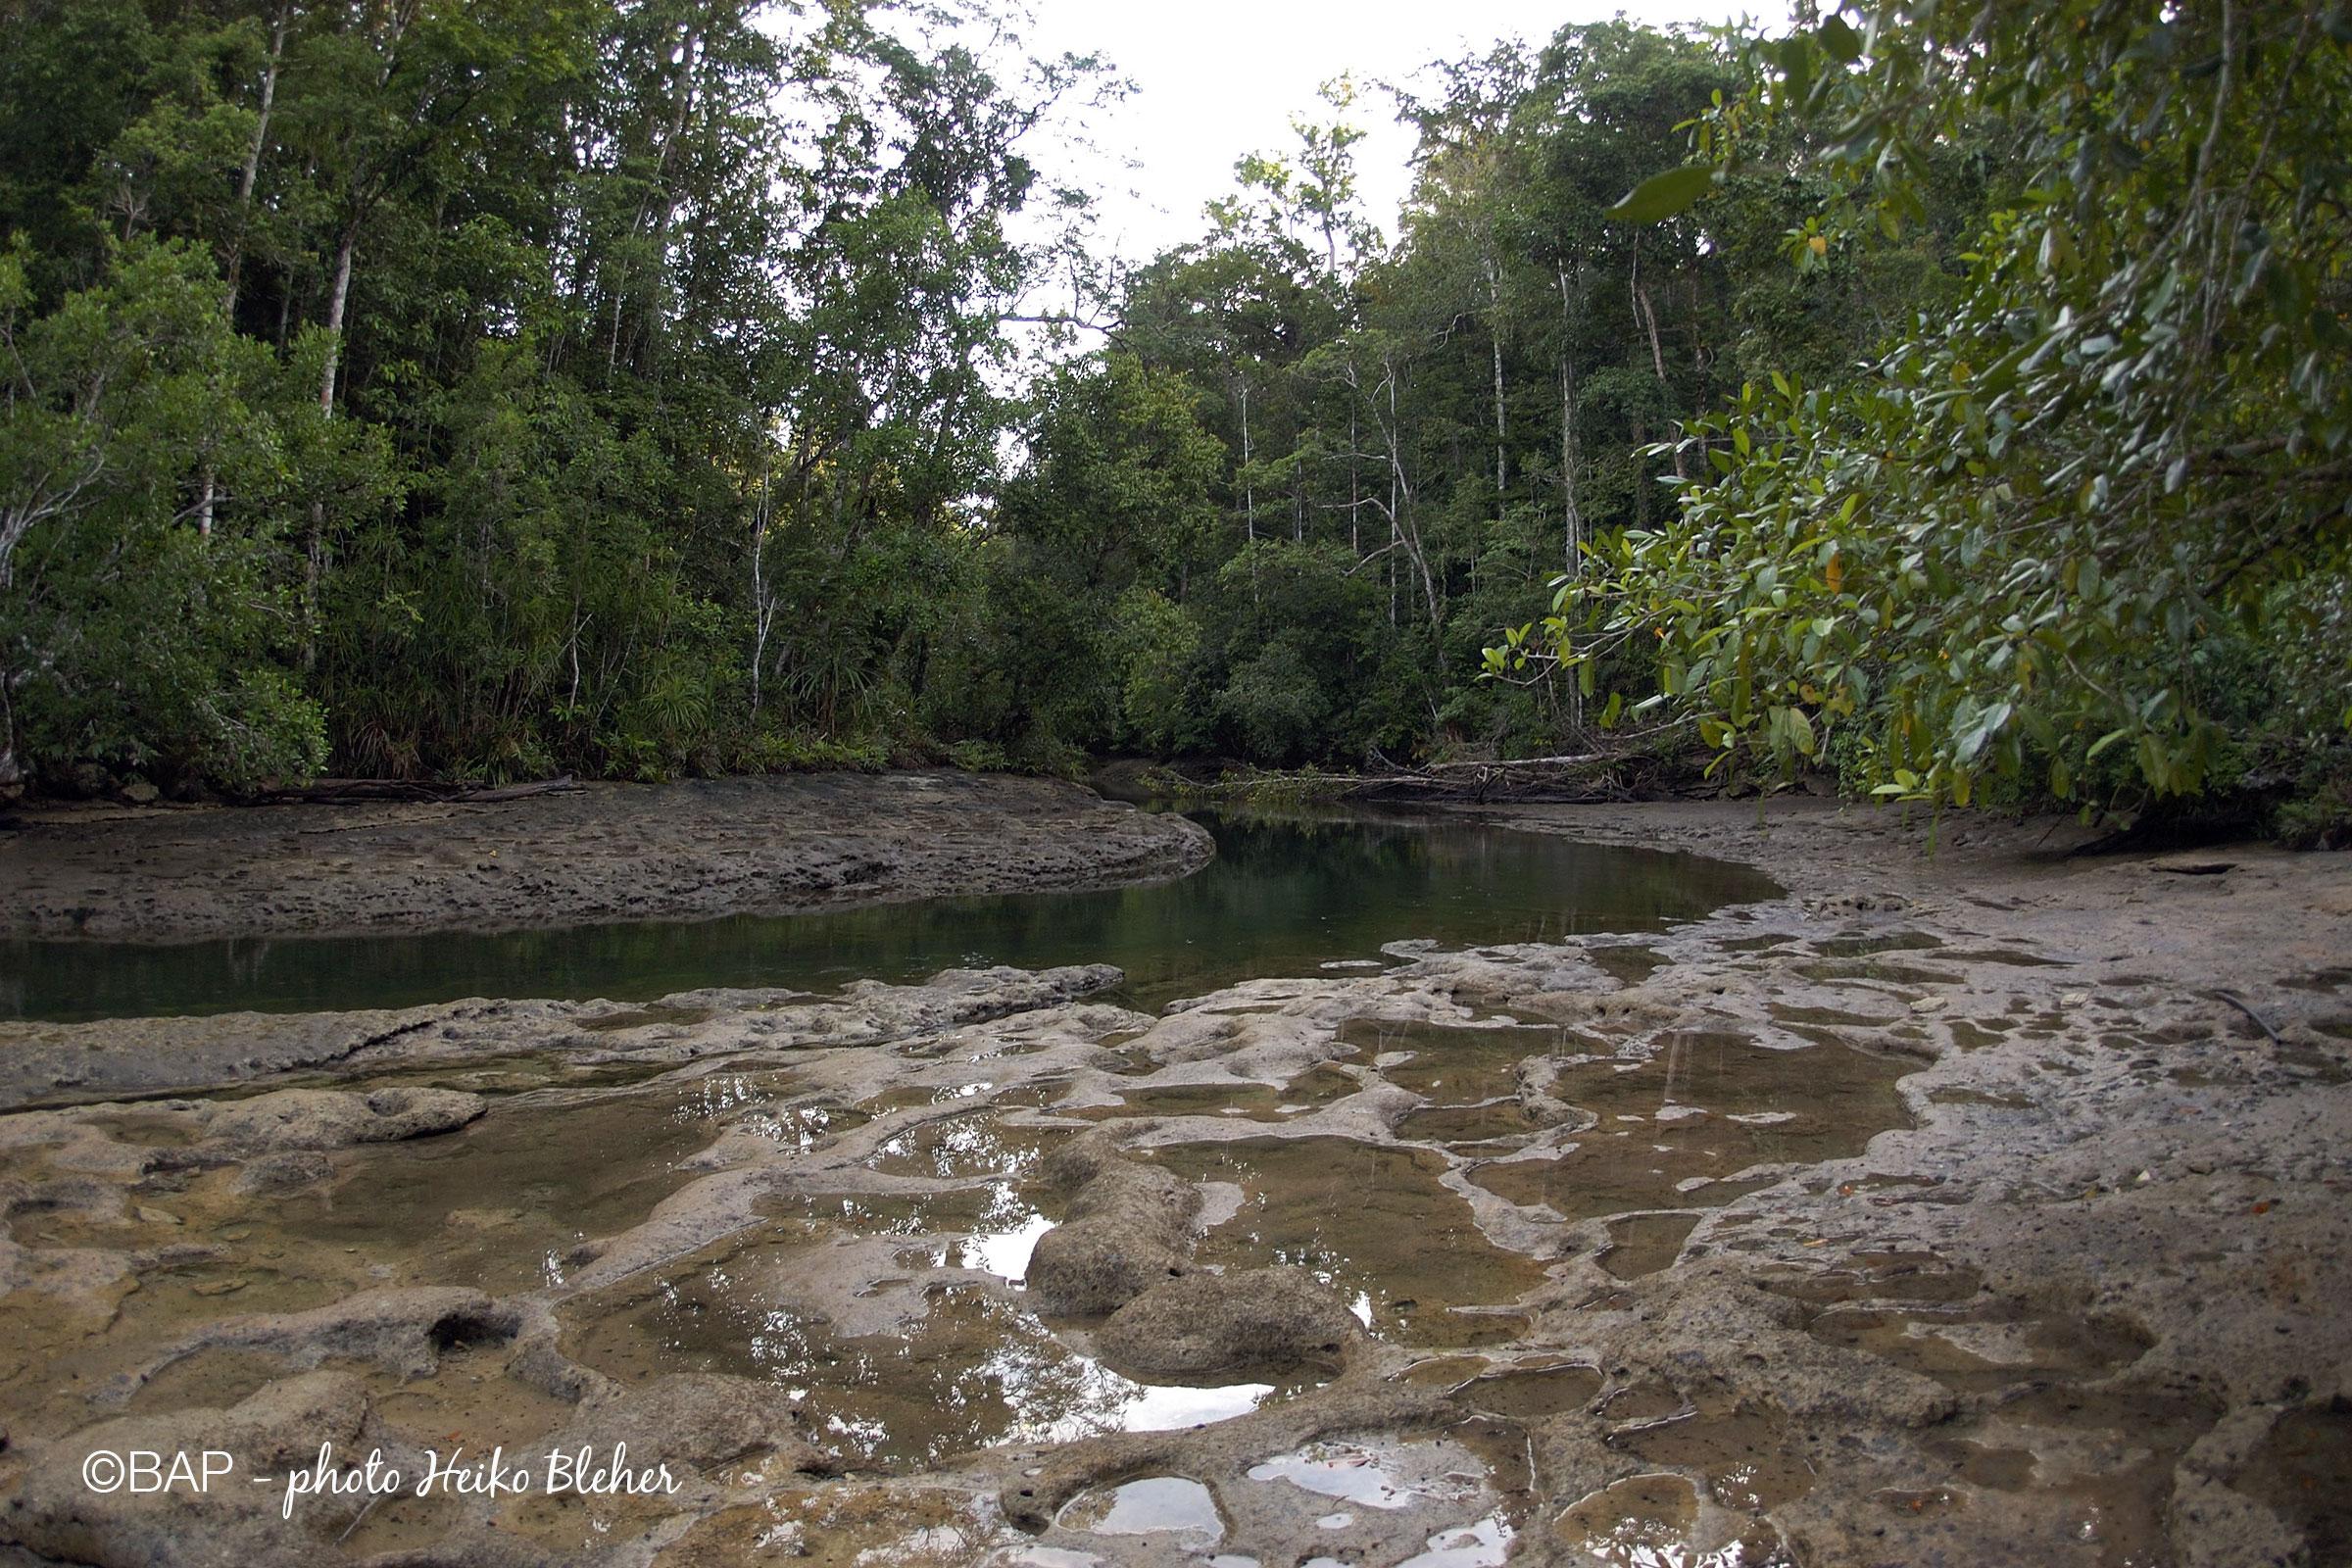 Sungai Malawatu, Aru Archipelago, Indonesia. Photo by Heiko Bleher